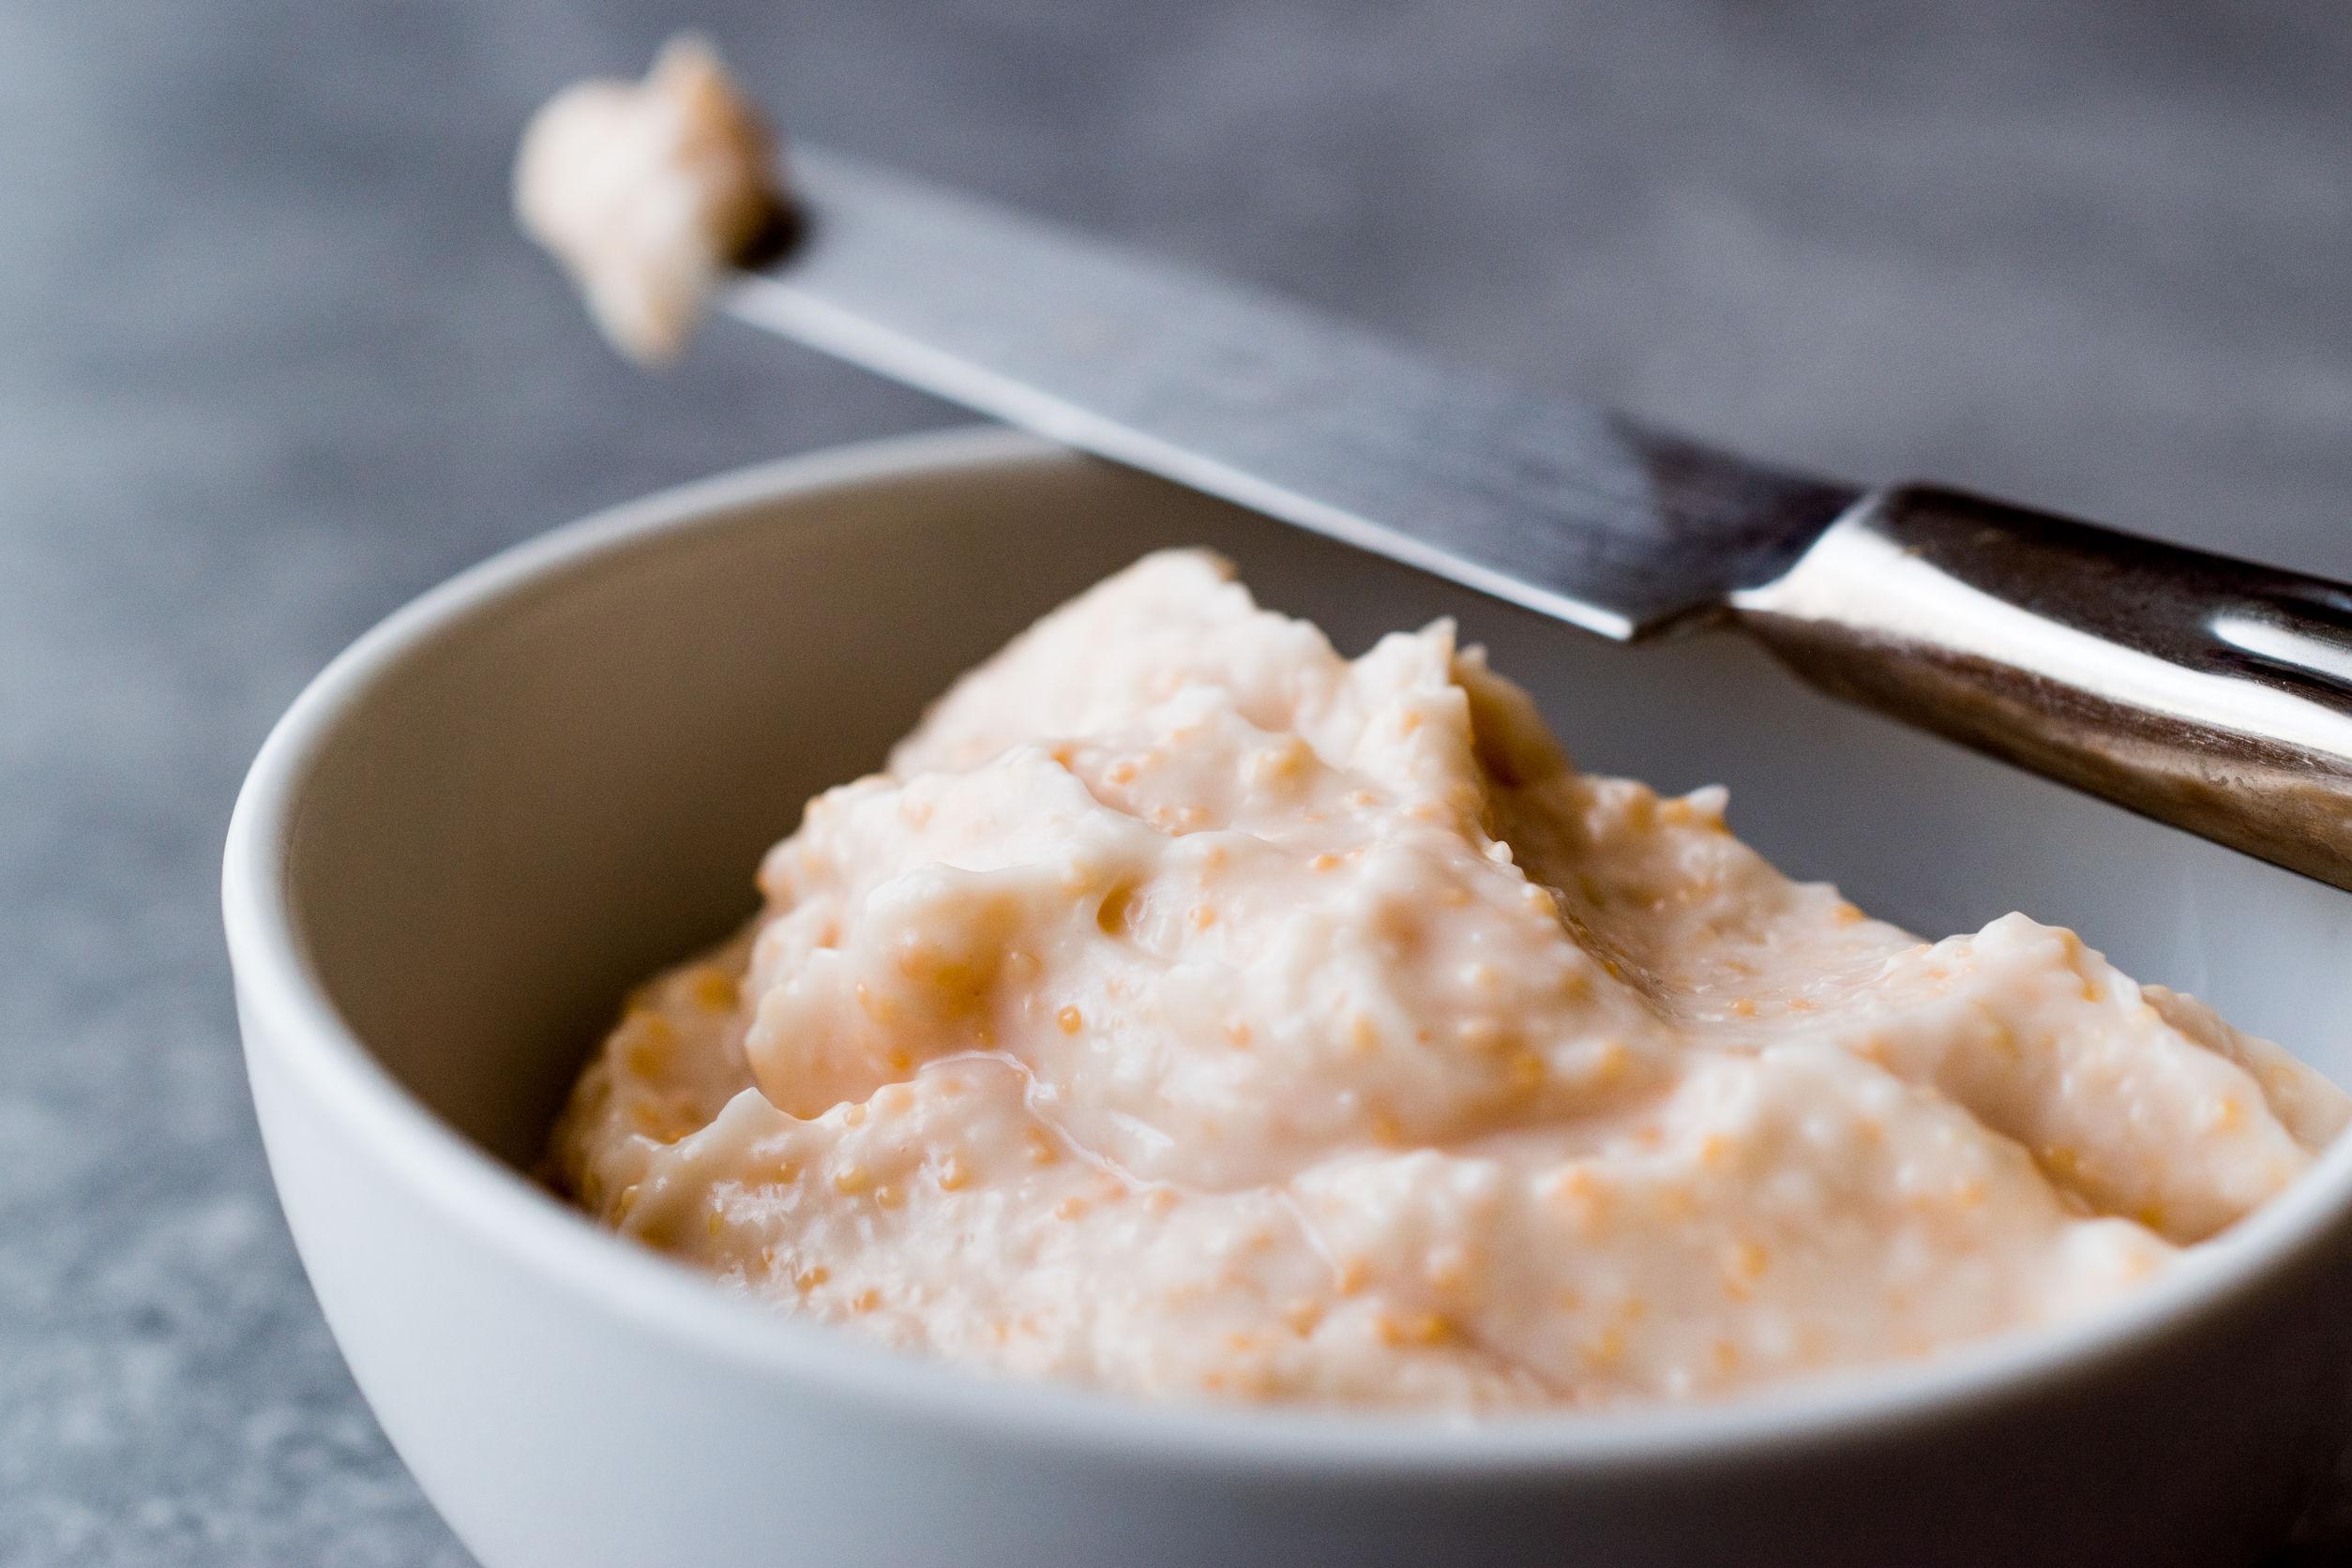 salata de icre - ce icre de peste sunt toxice - ce icre de peste nu sunt comestibile